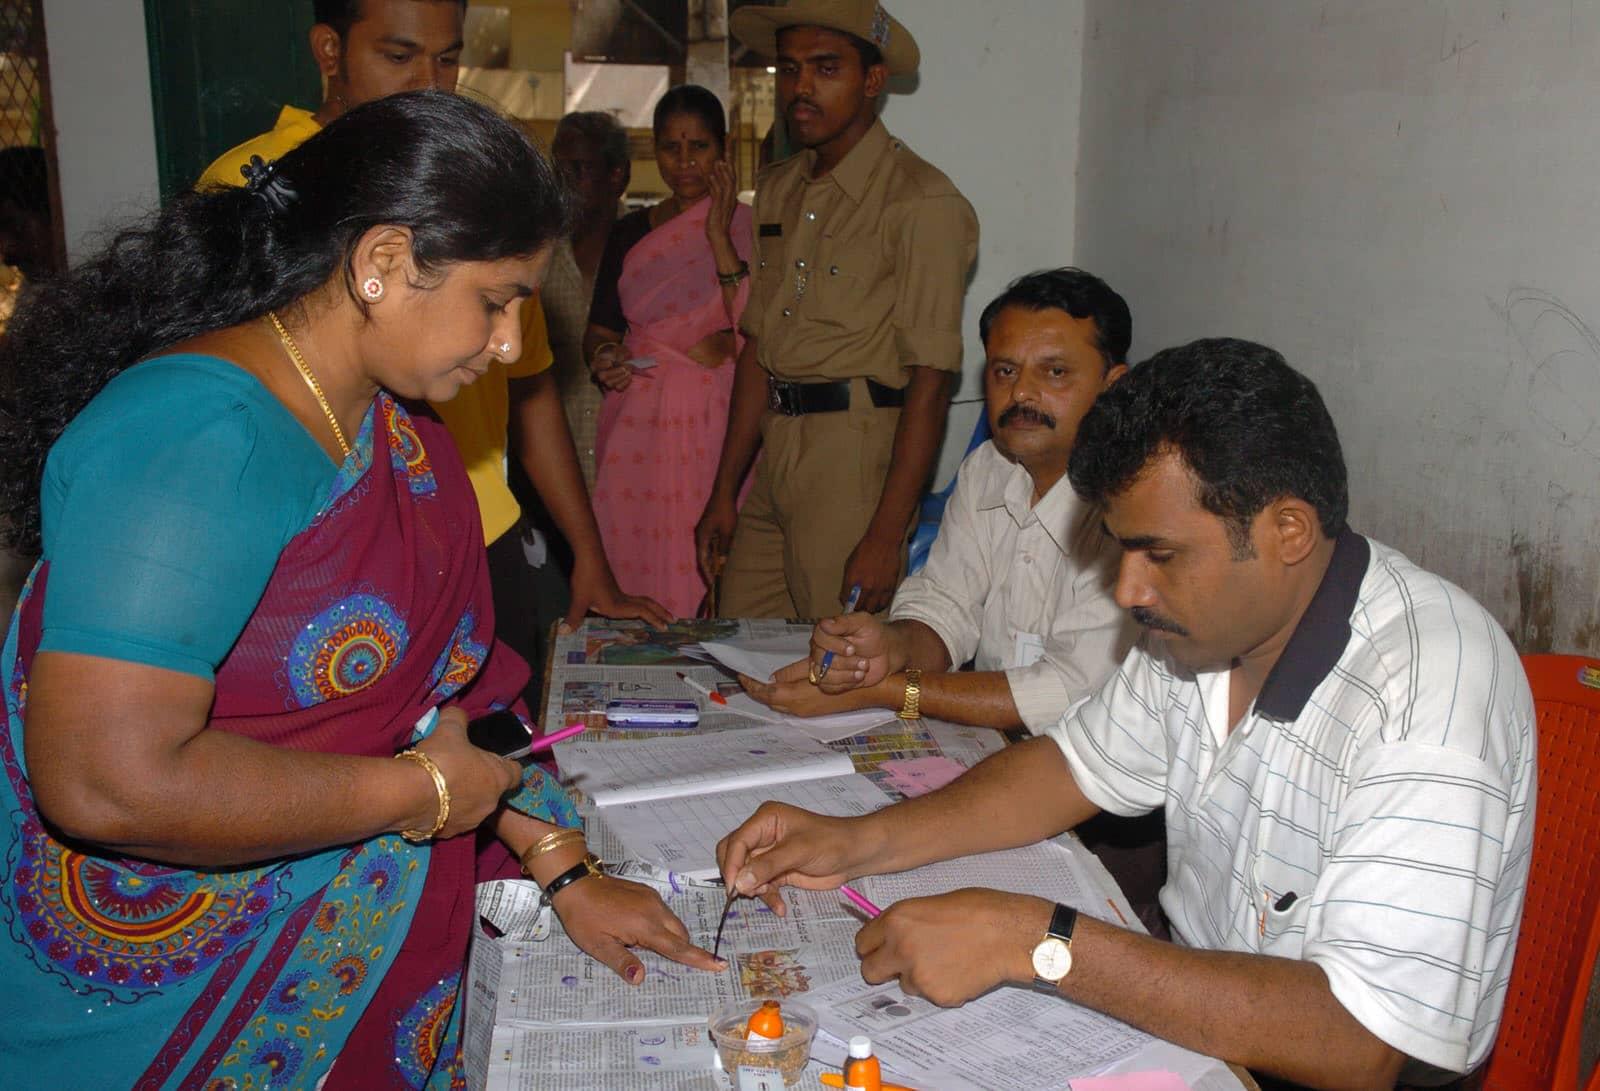 消失的2000多萬票!為什麼有些印度女性依舊不能投票?